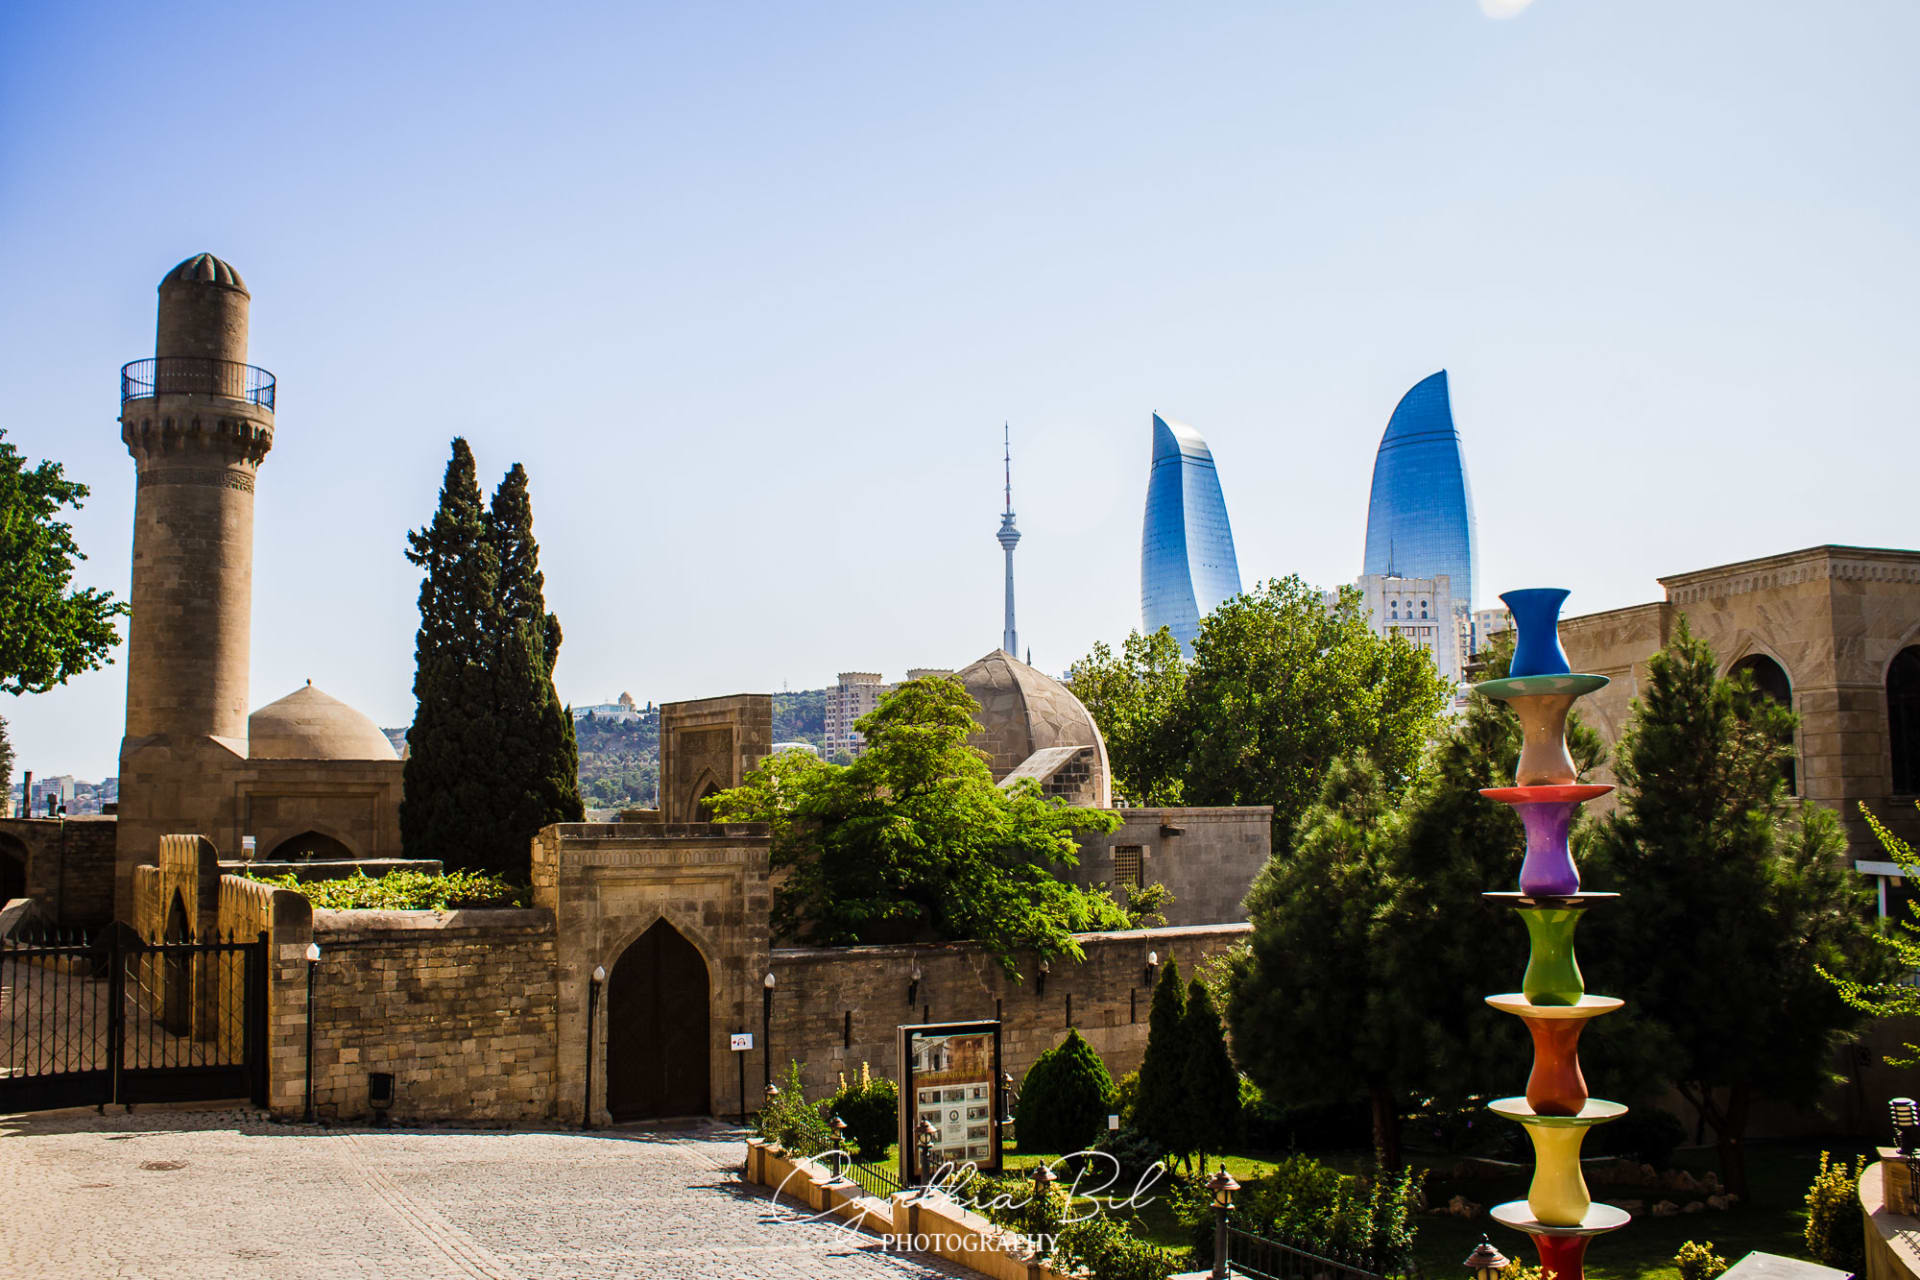 ما هي الأمور التي تستطيع اختبارها بأذربيجان مجاناً؟